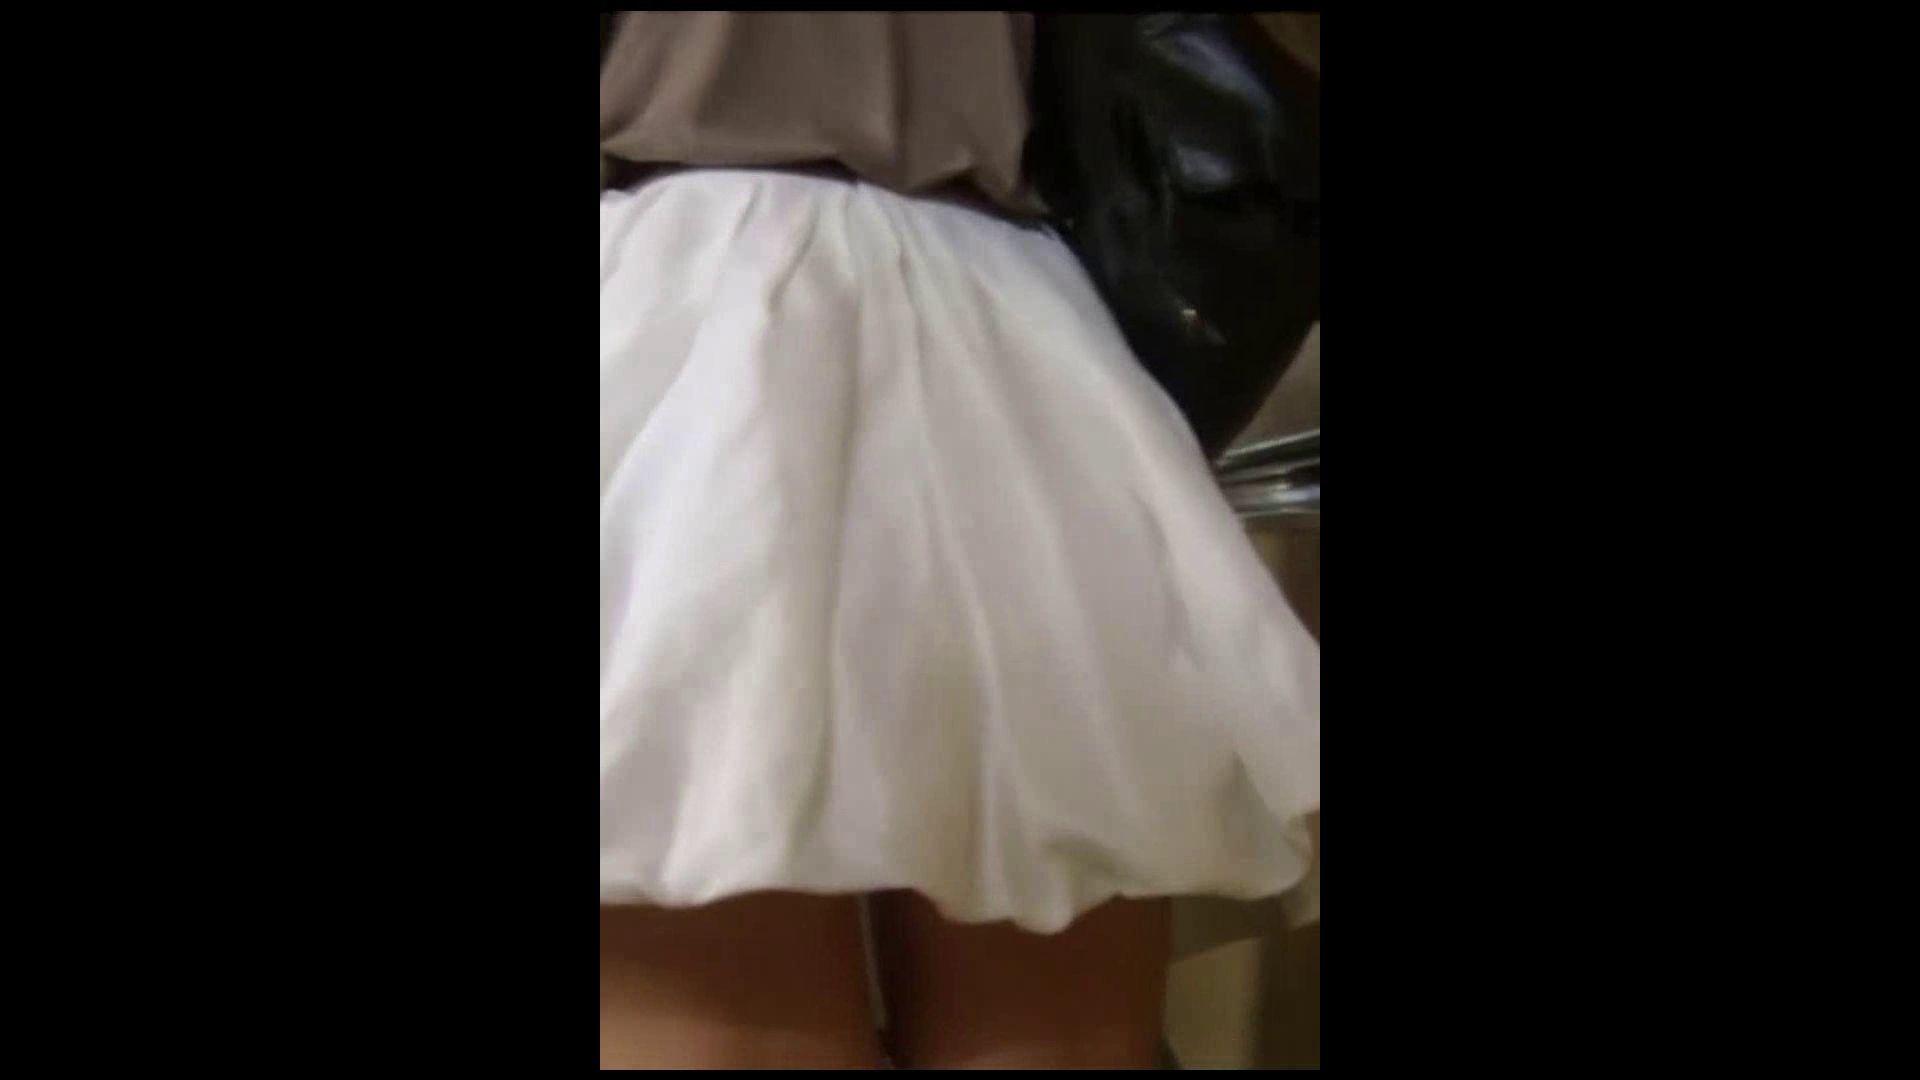 綺麗なモデルさんのスカート捲っちゃおう‼vol03 お姉さんのエロ生活  98連発 96